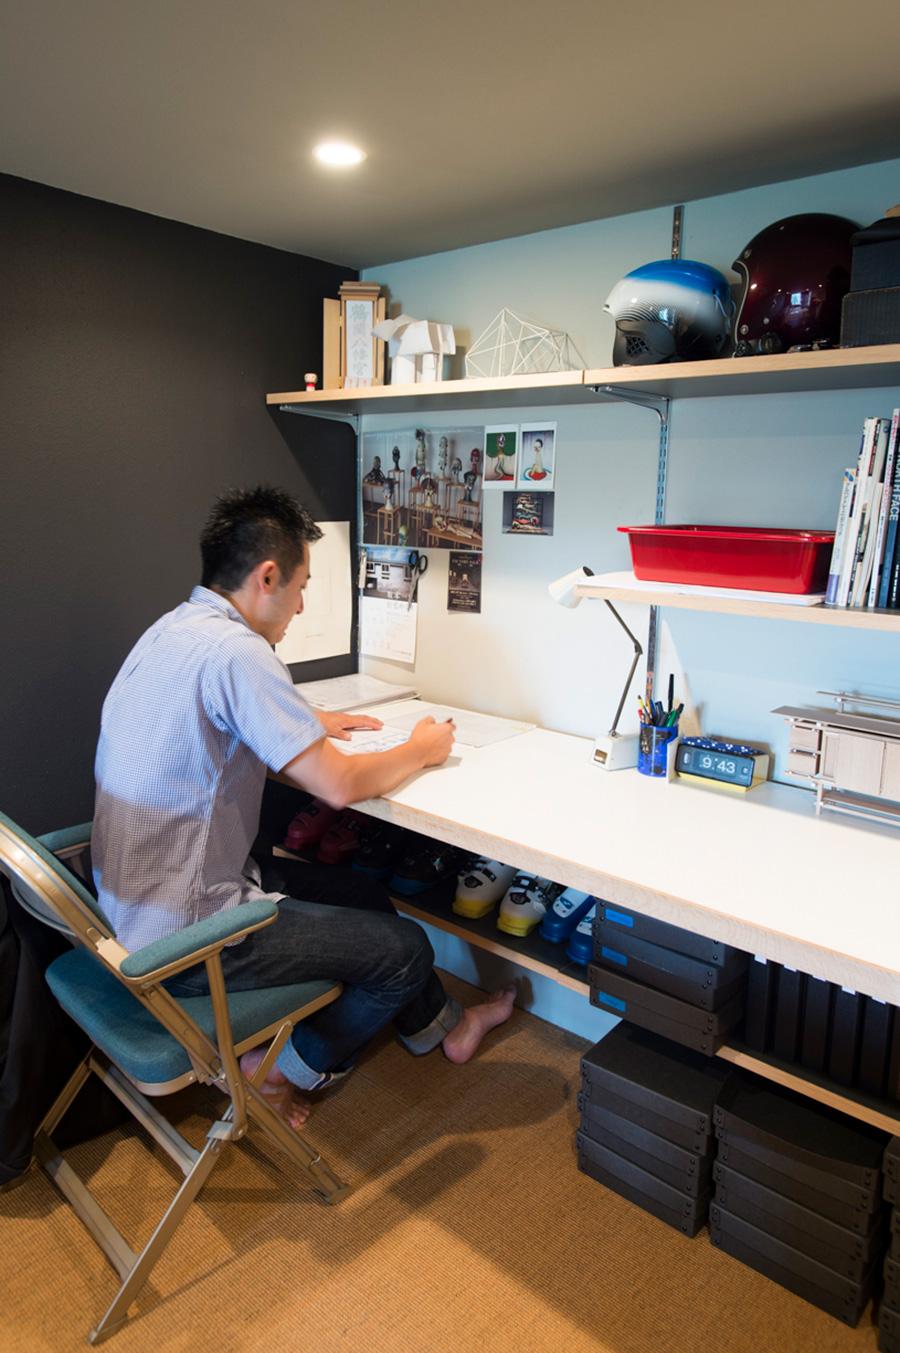 家具のデザイン、設計などを行う渡邊謙一郎さん。